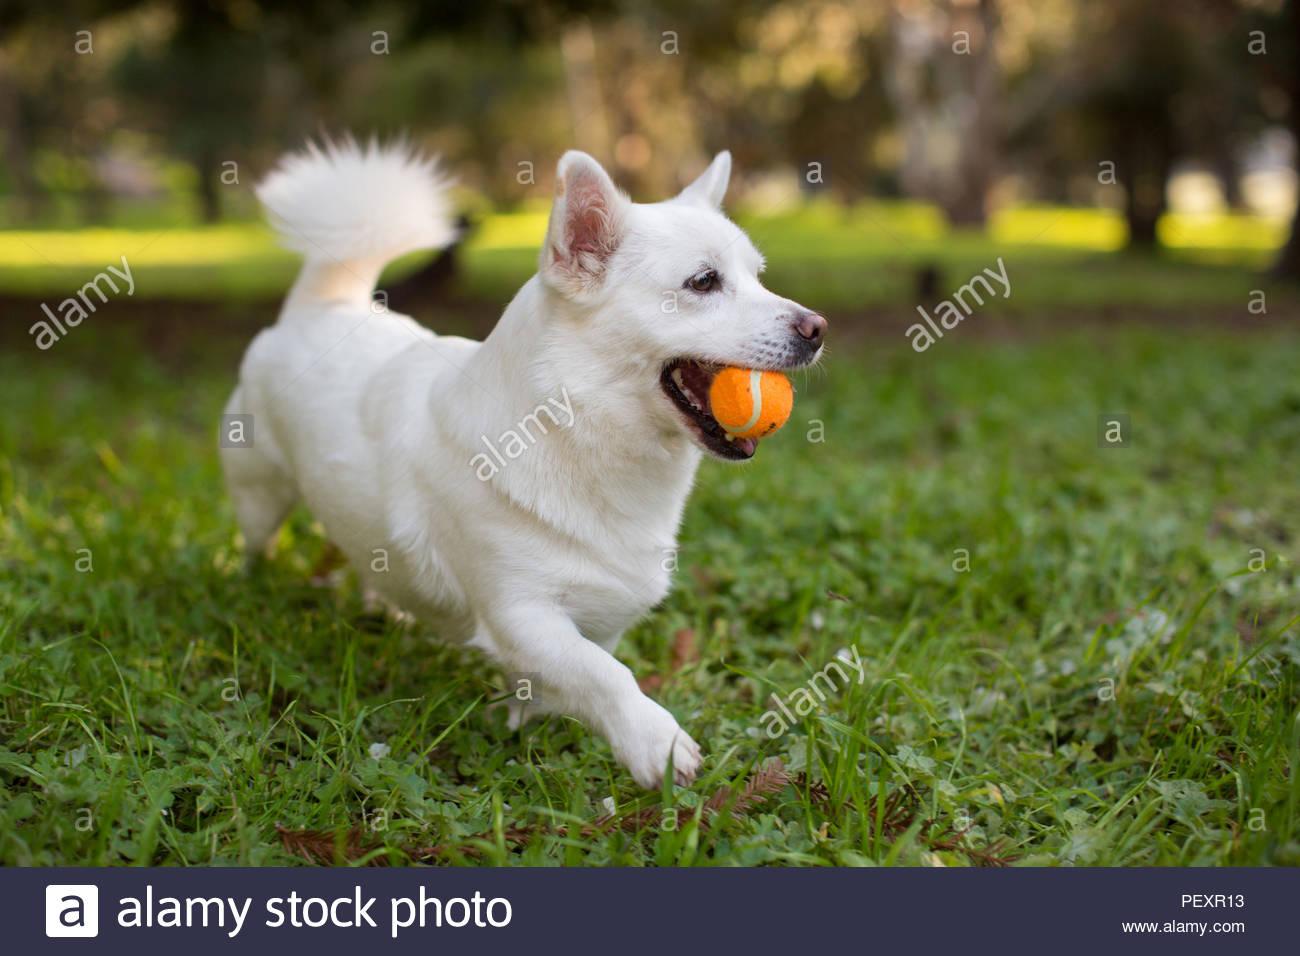 Weiß Corgi Mix Hund laufen auf Gras, beim Tragen einer Orange Tennis Ball im Mund Stockbild